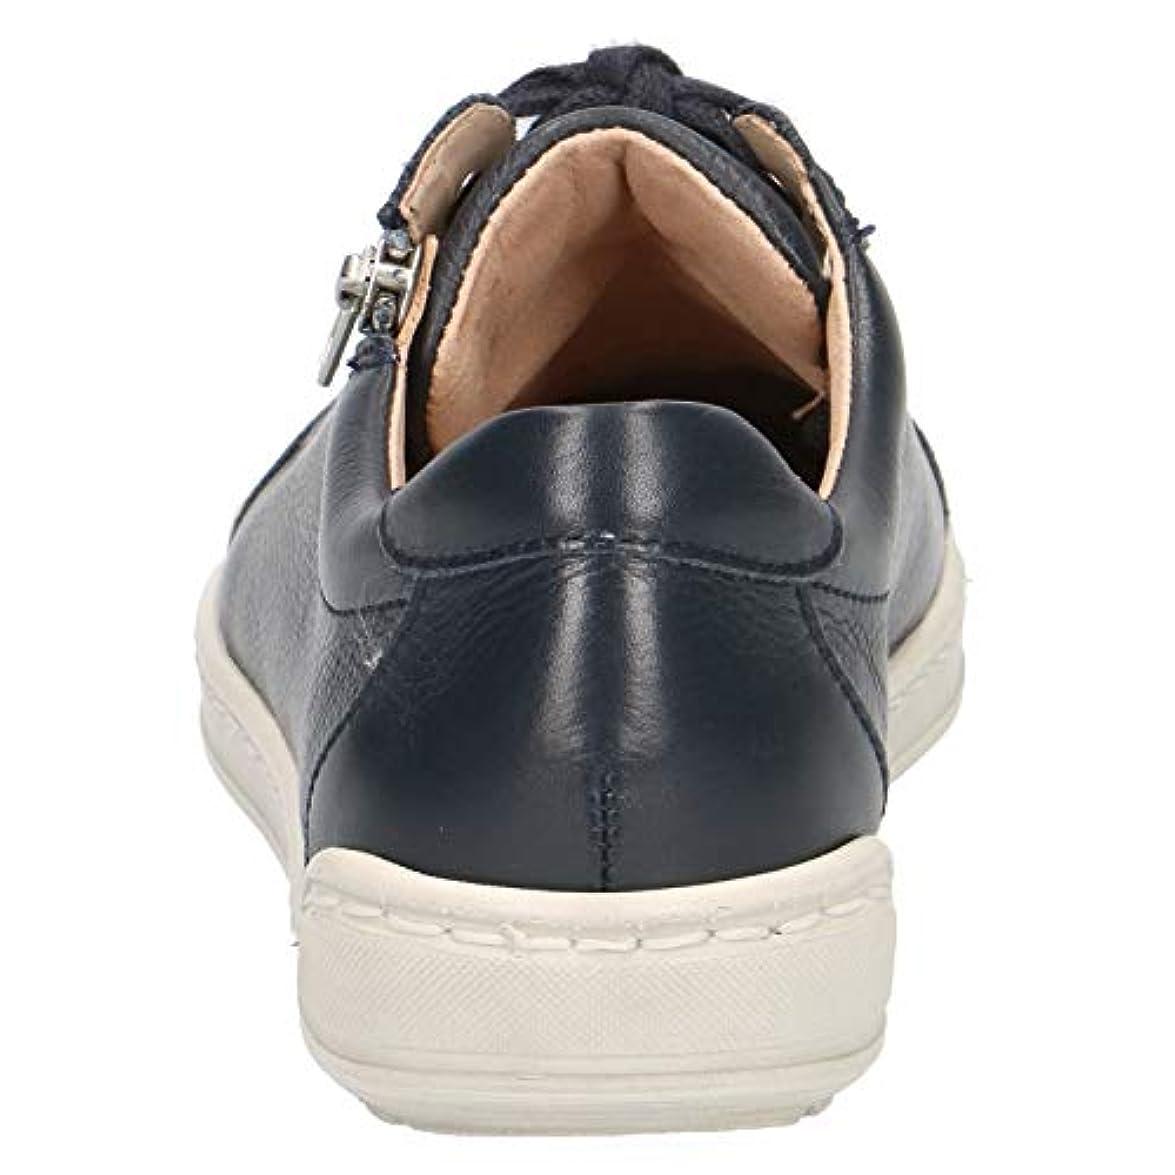 Caprice 23650-22 Donna Sneaker scarpe scarpe Con Lacci scarpe Da Strada sneaker scarpe Stringate sportivo elegante scarpe Casuale soletta Removibile